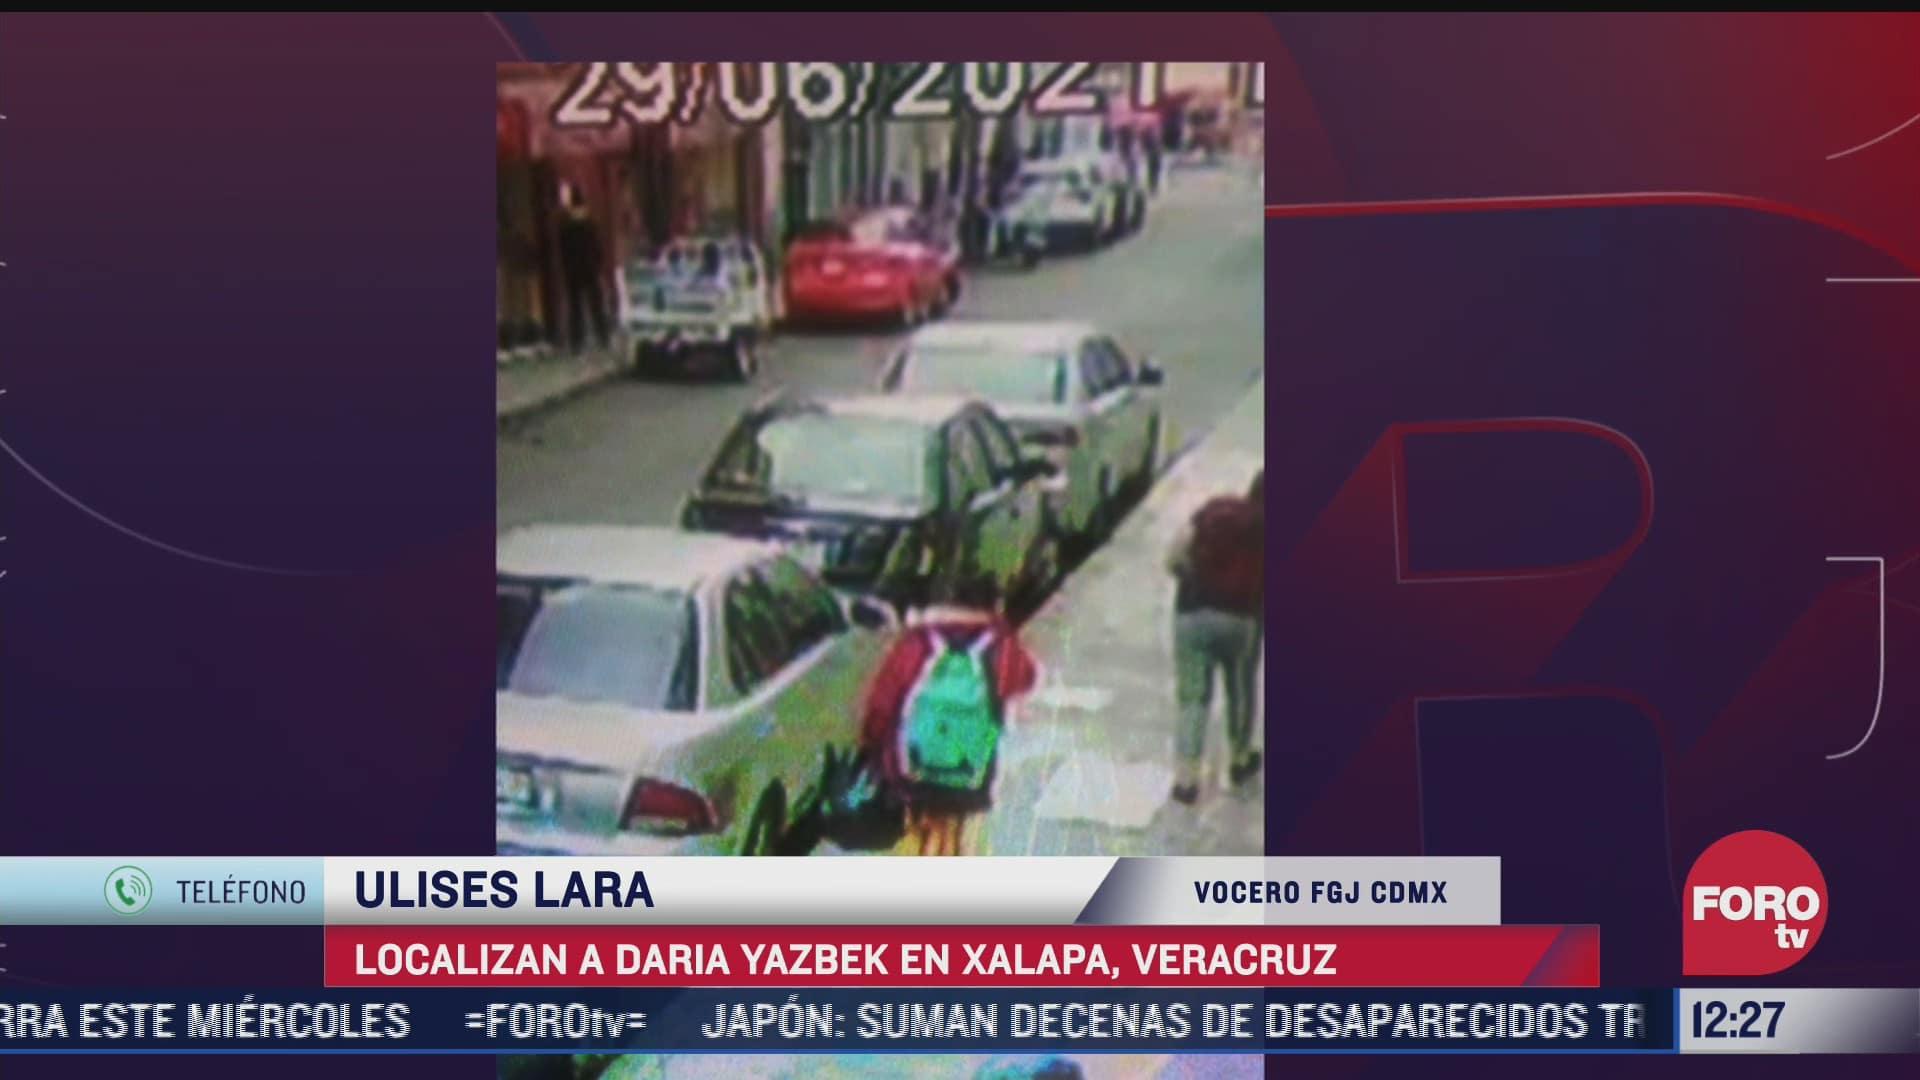 ulises lara vocero de la fgjcdmx habla de la localizacion de daria yazbek